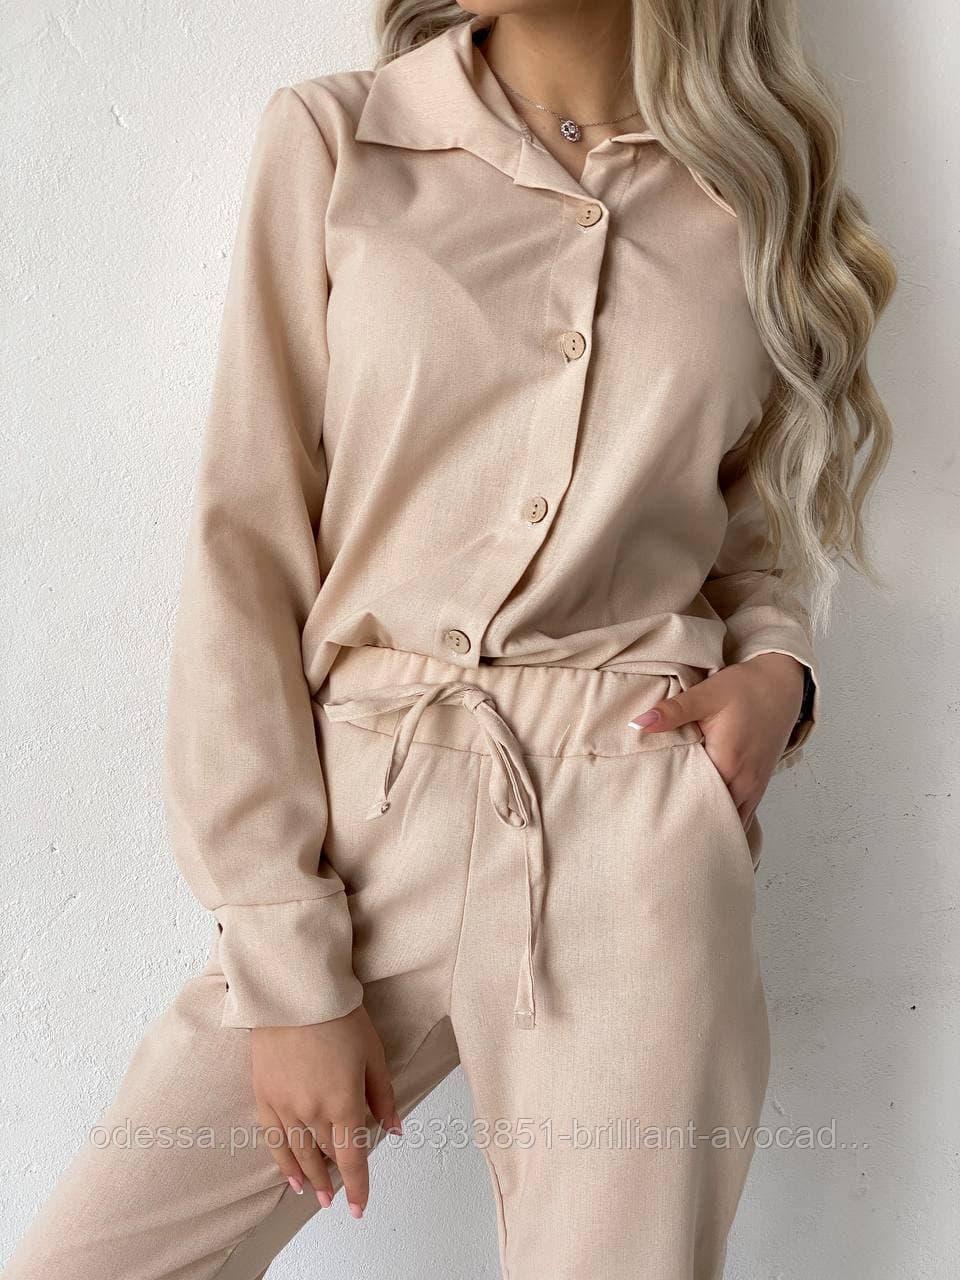 Жіночий модний лляний костюм сорочка і штани